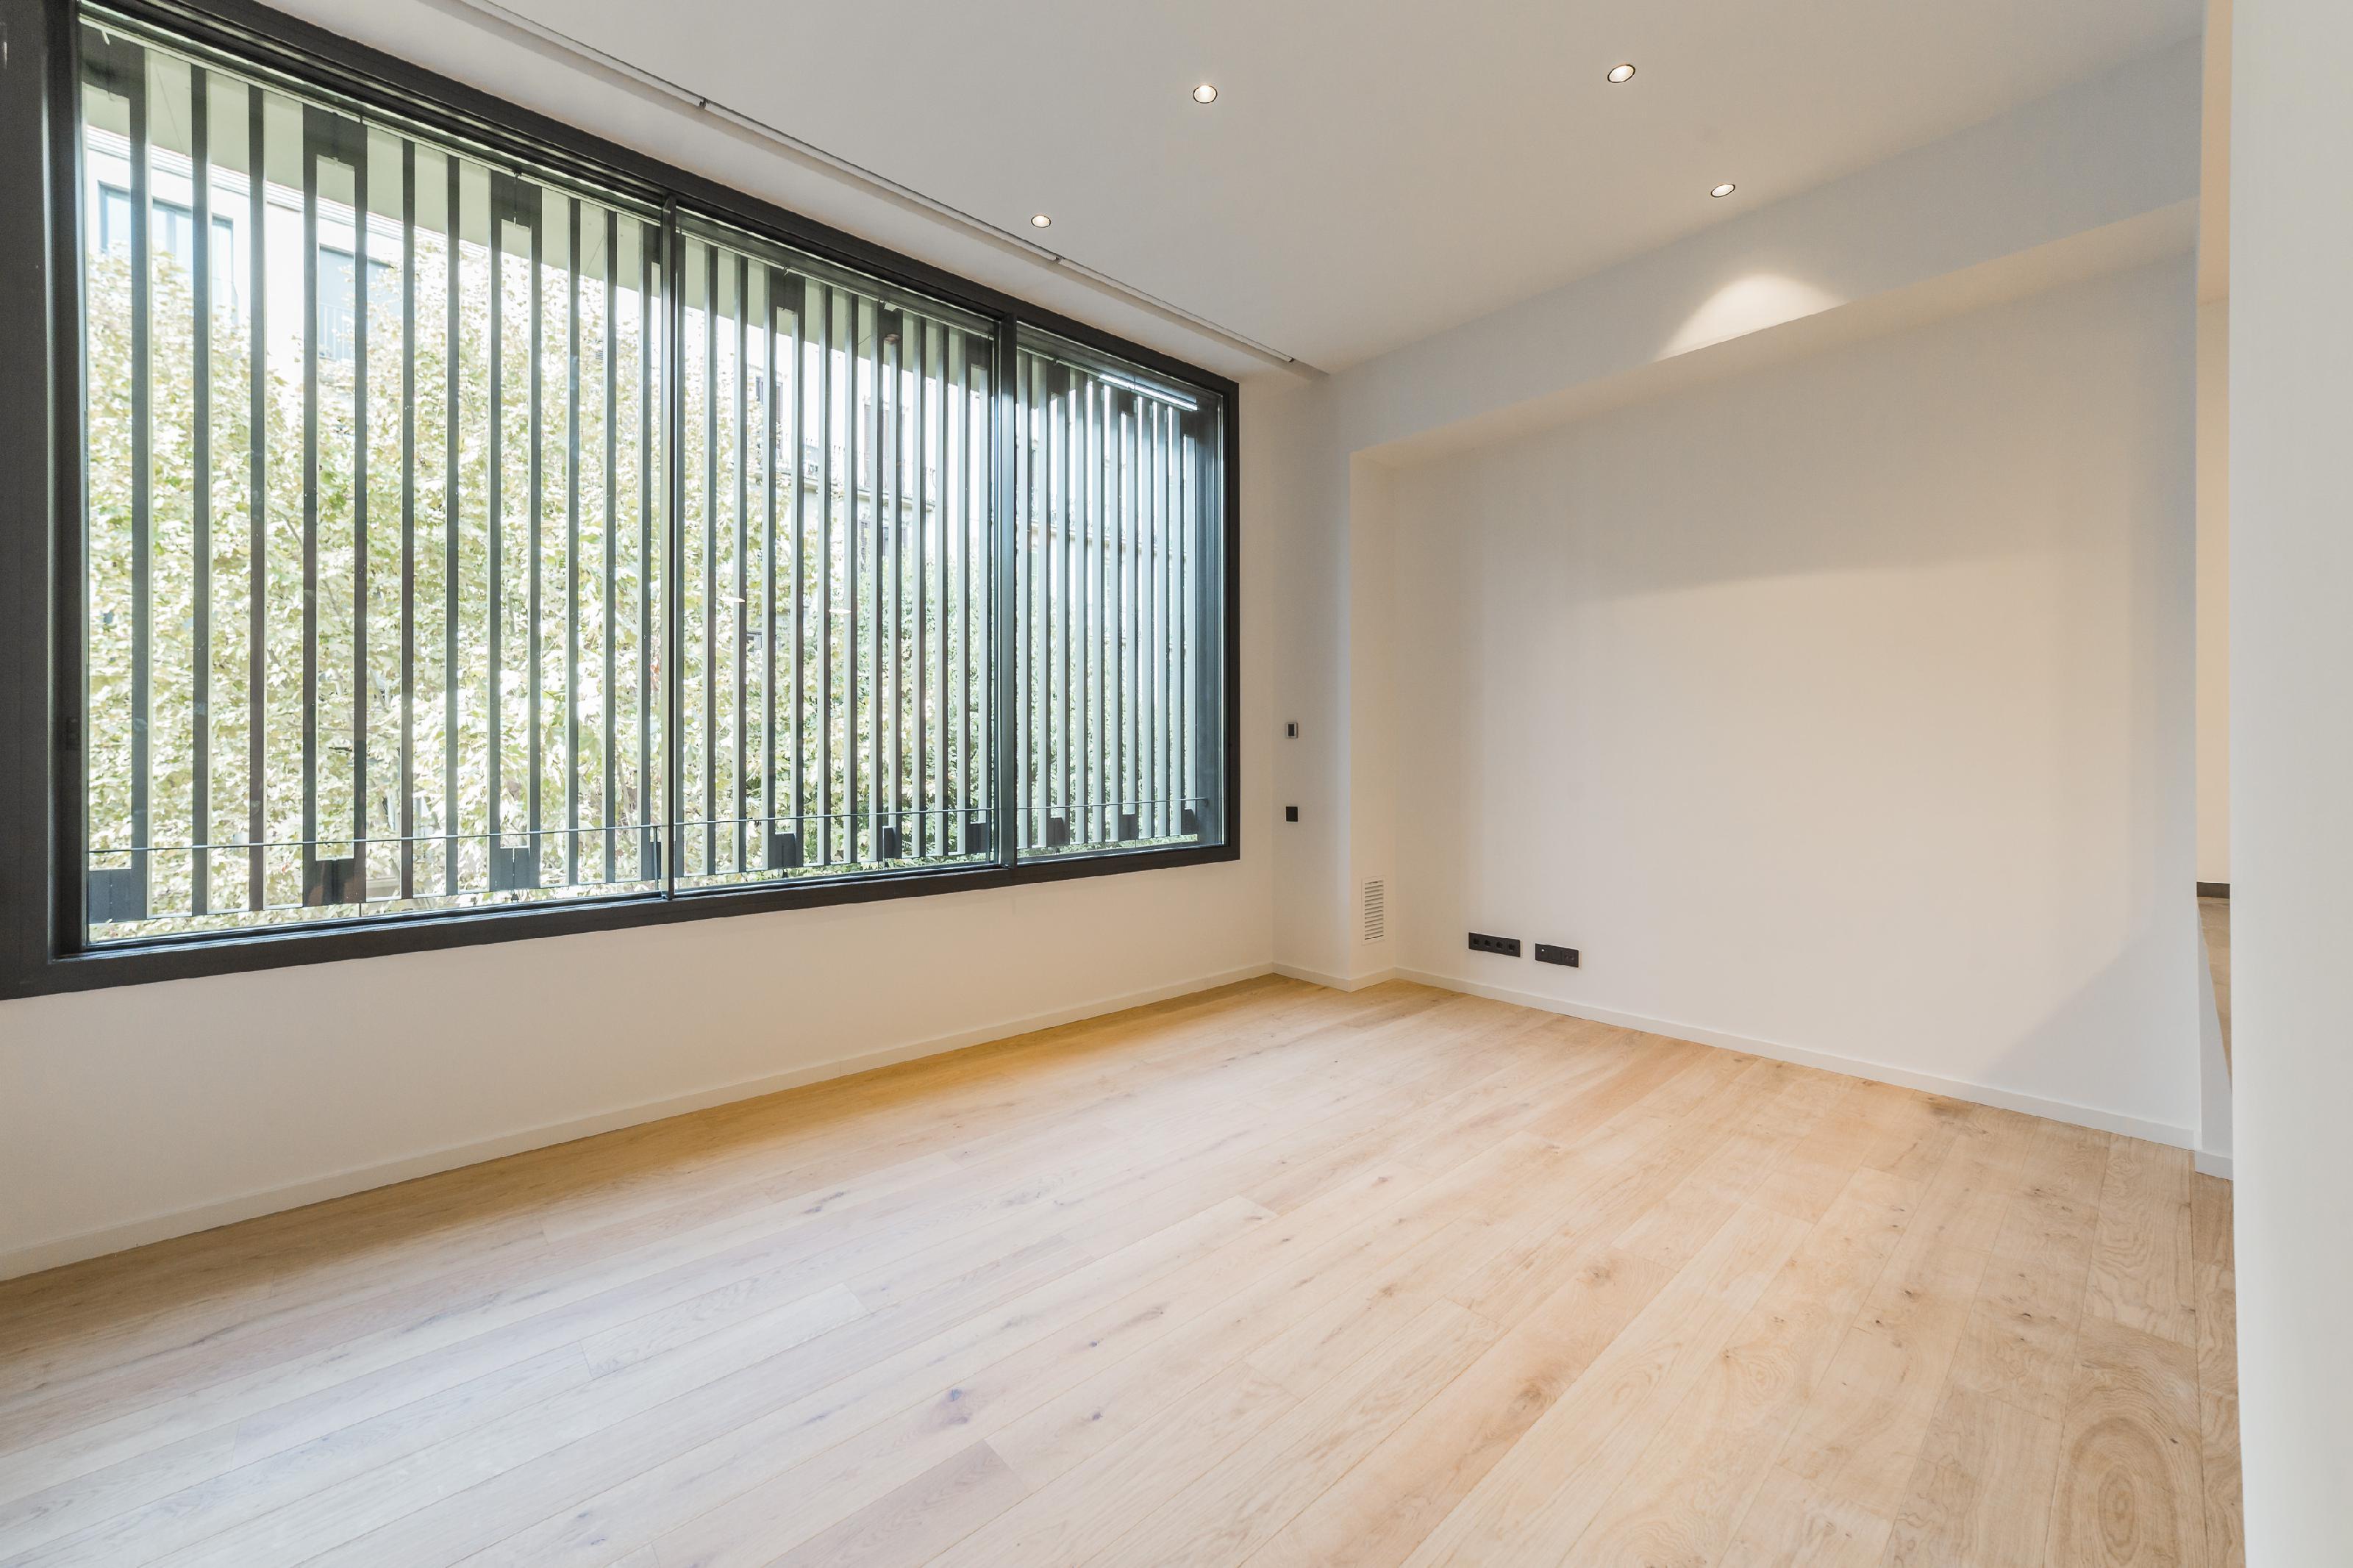 251949 Apartment for sale in Eixample, Antiga Esquerre Eixample 1